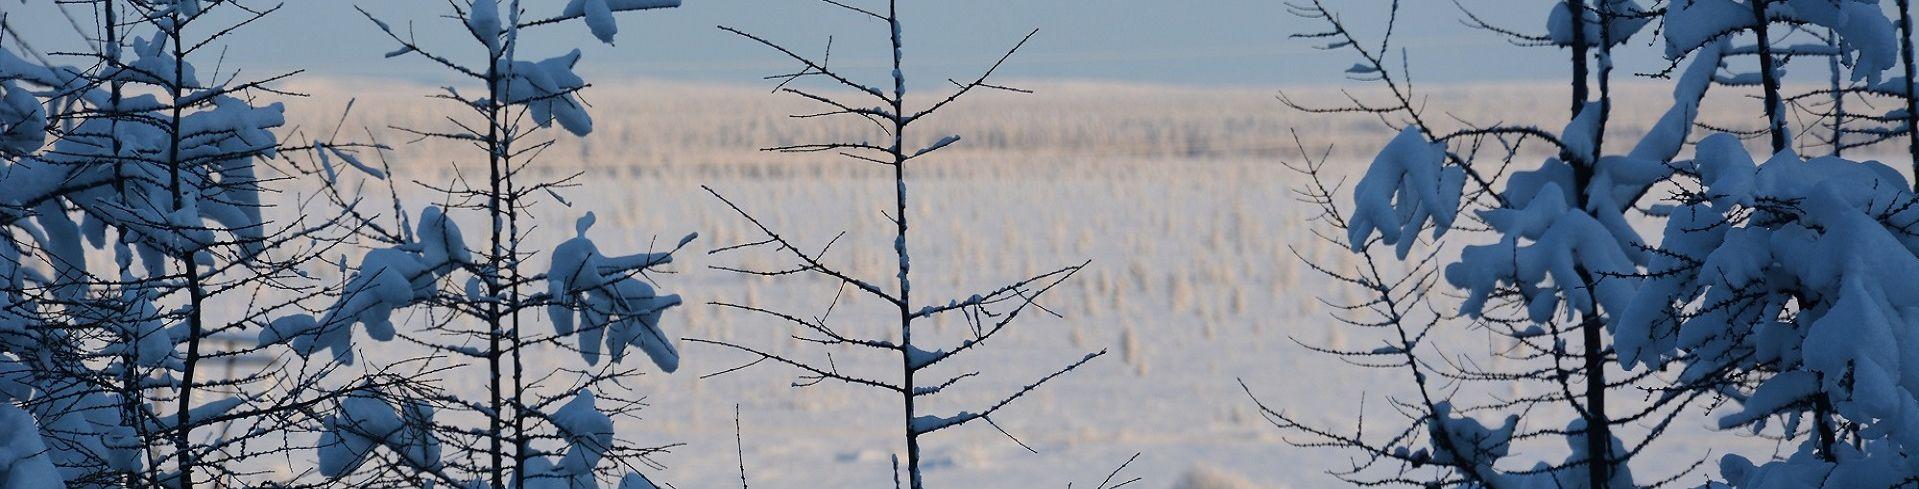 טיול לסיביר בשיא החורף